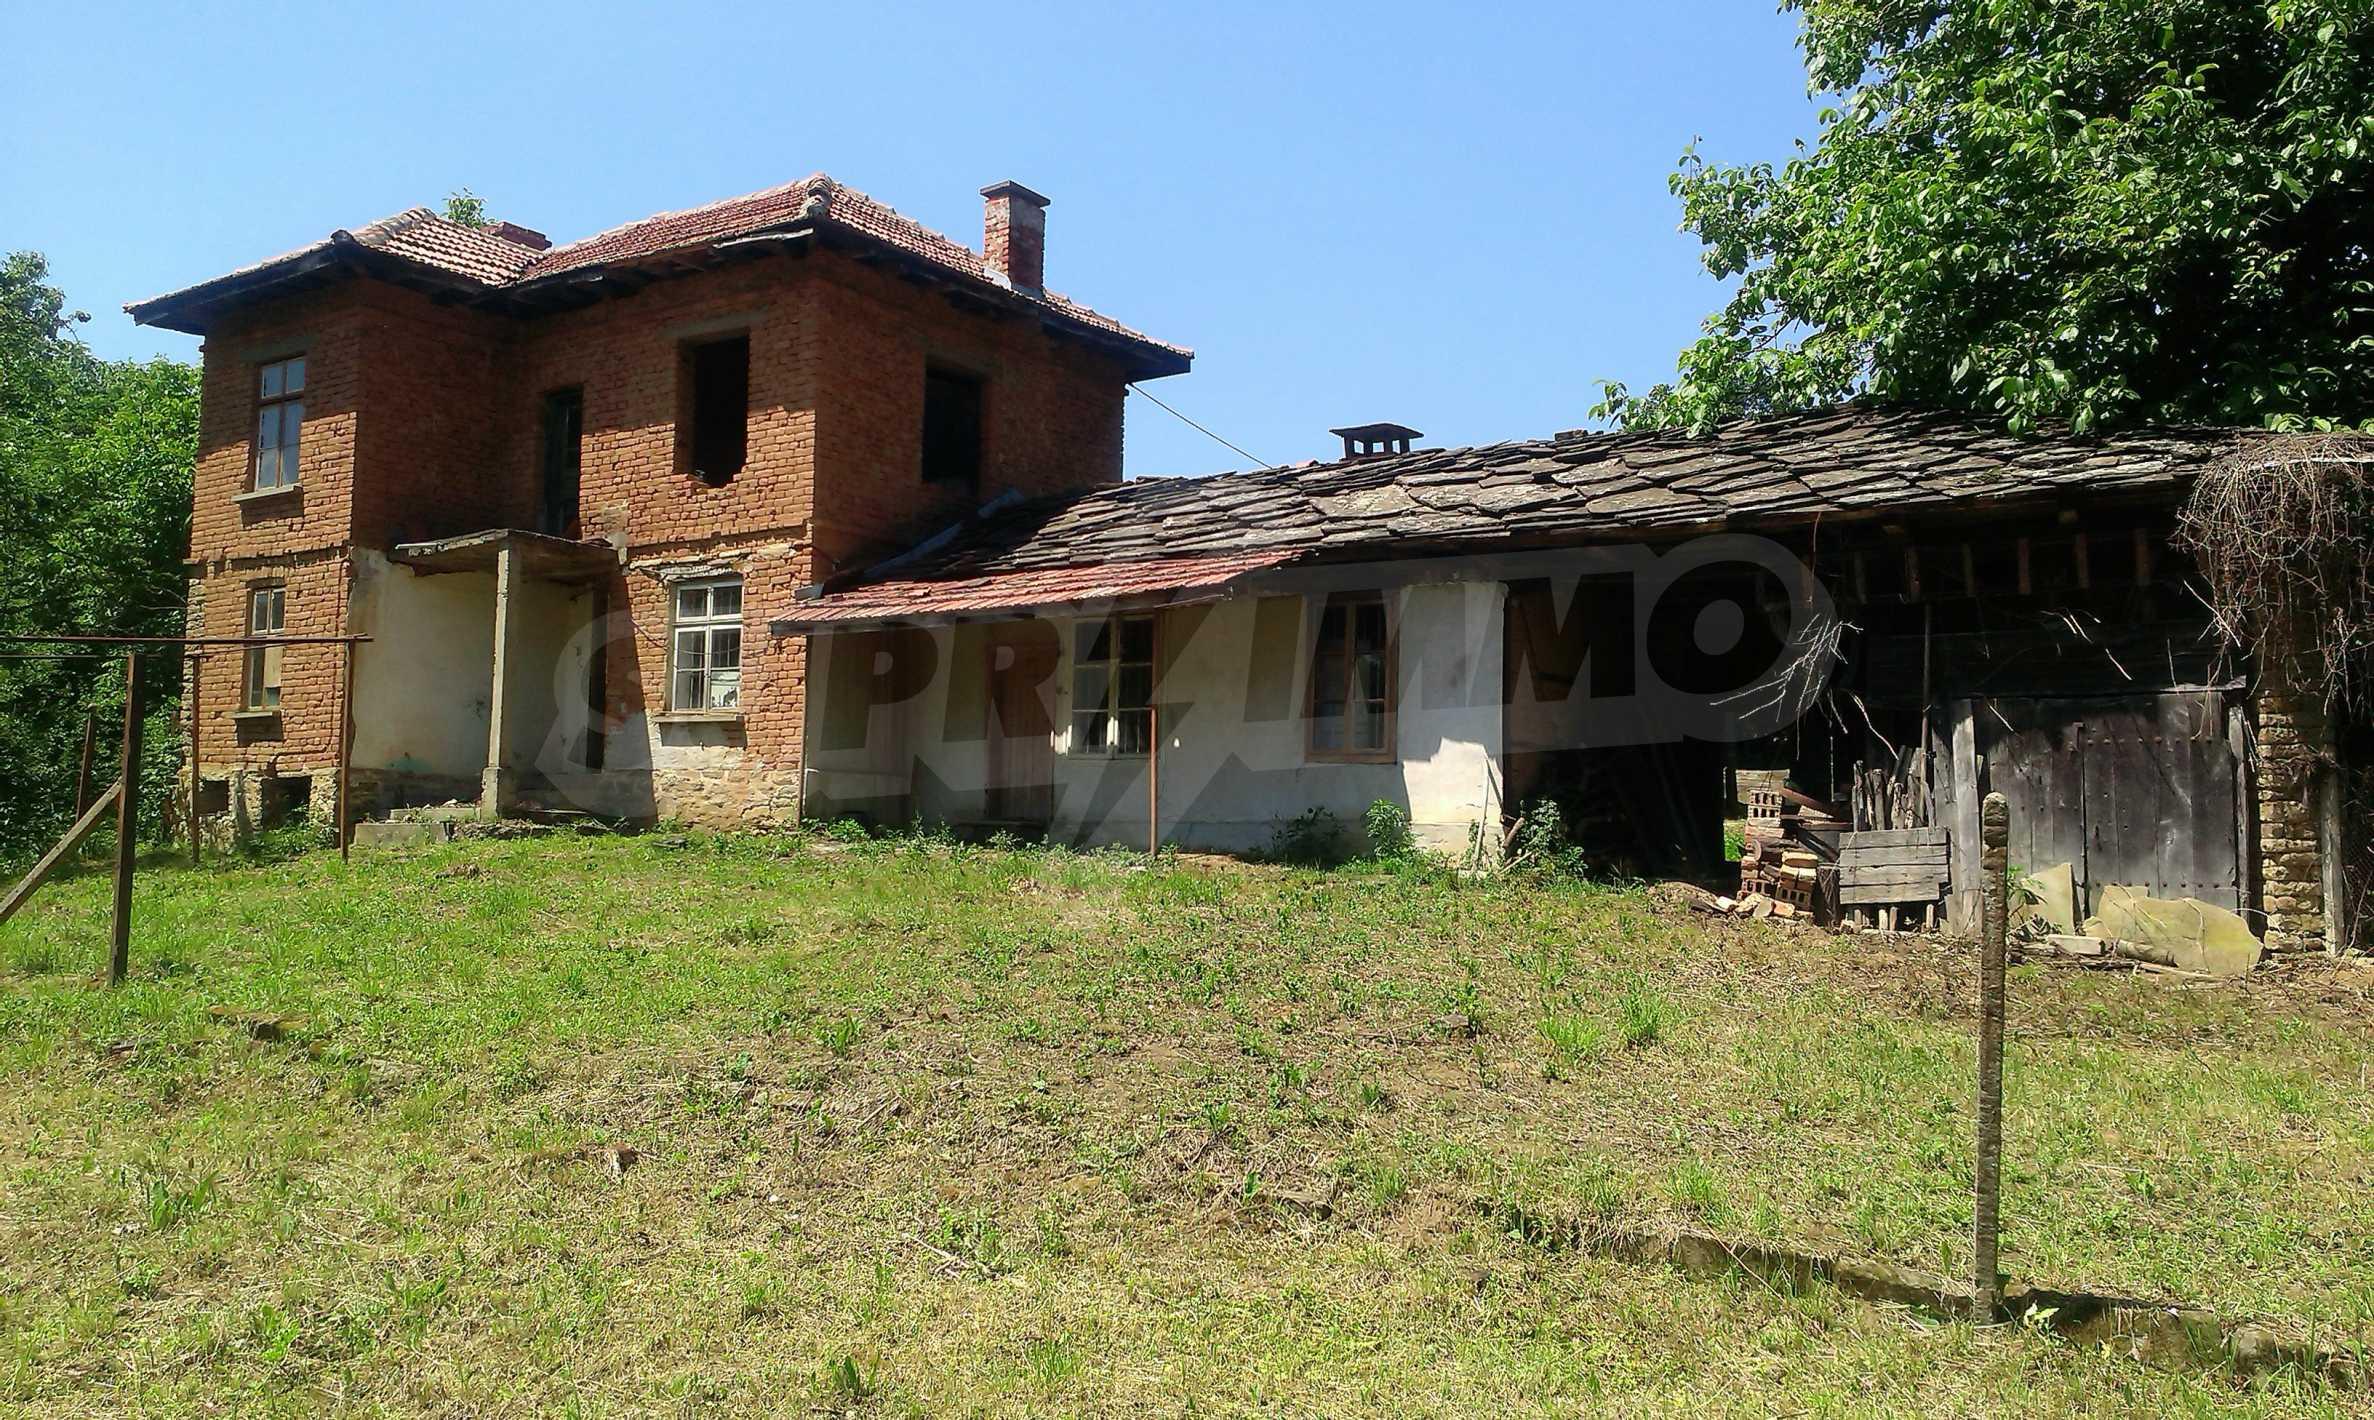 Двуетажна тухлена къща на 40 км от Велико Търново  42